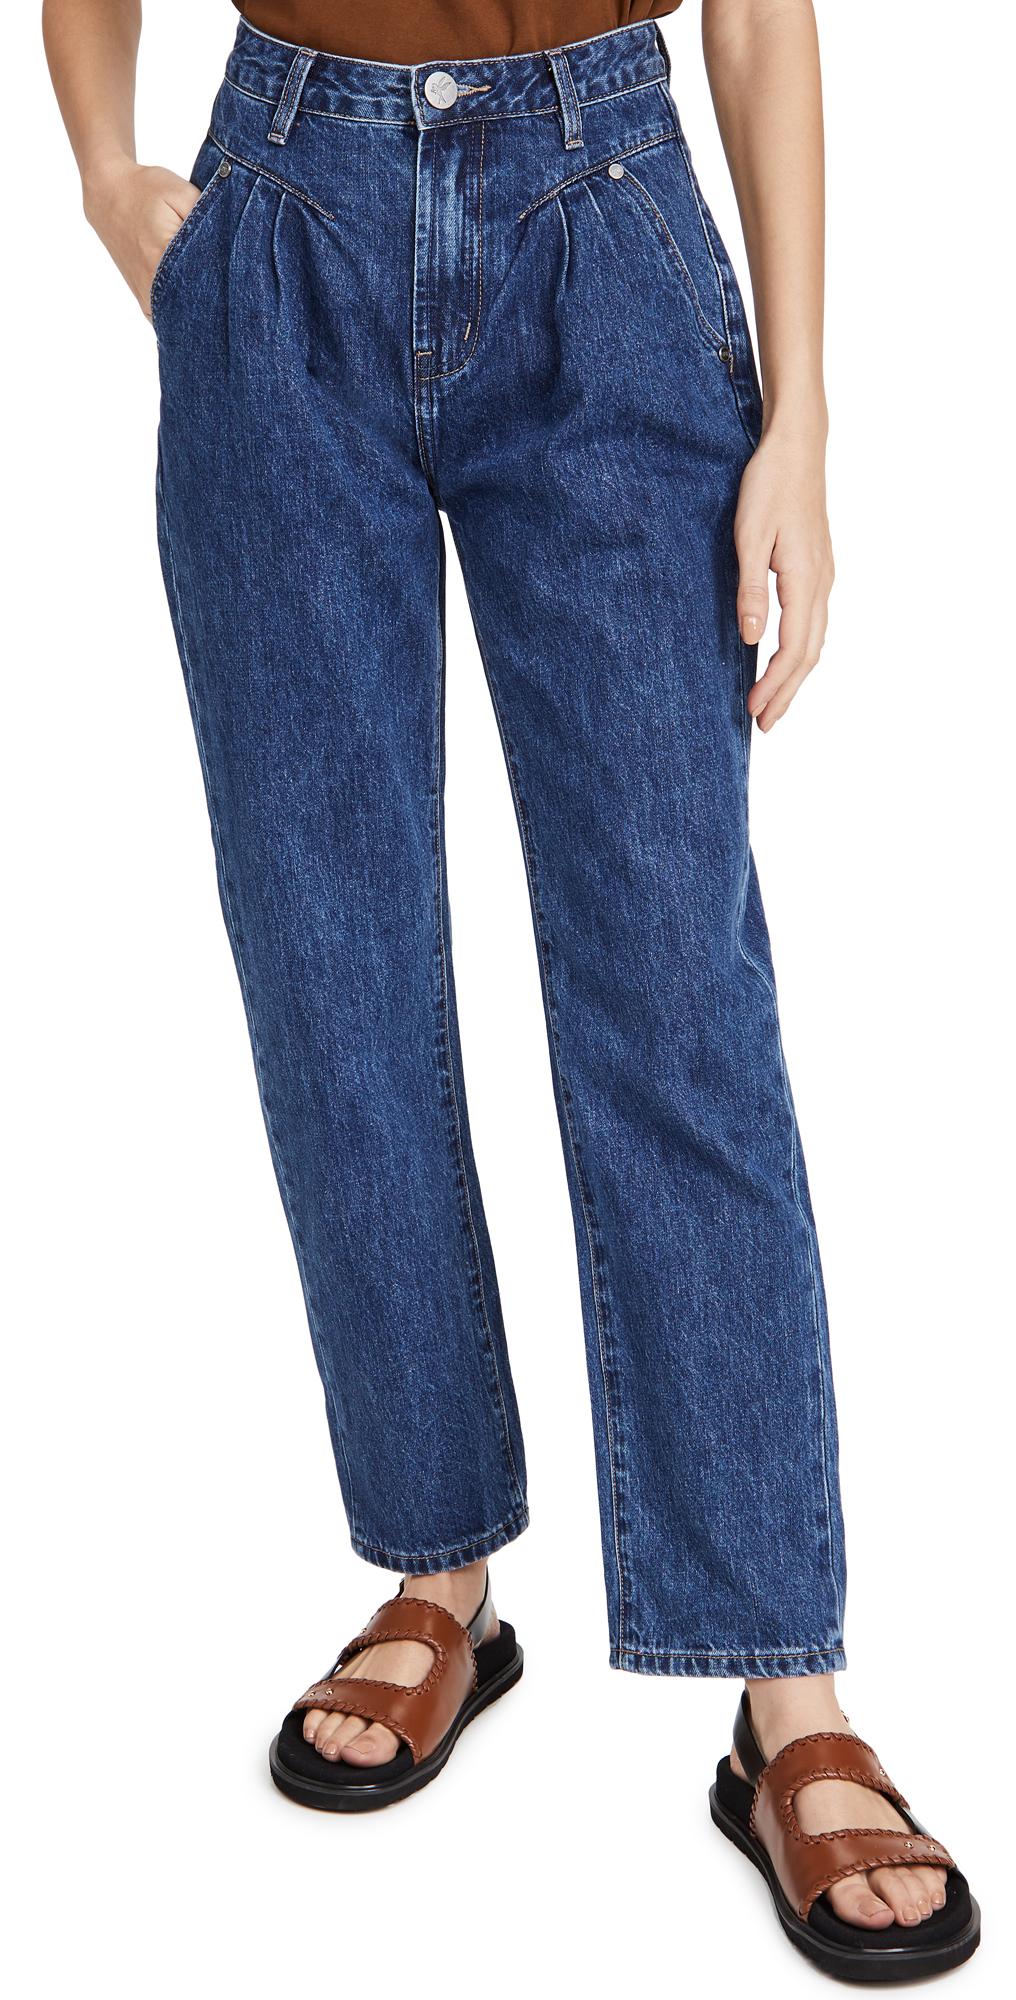 One Teaspoon Dakota Streetwalkers High Waist 80s Fit Jeans